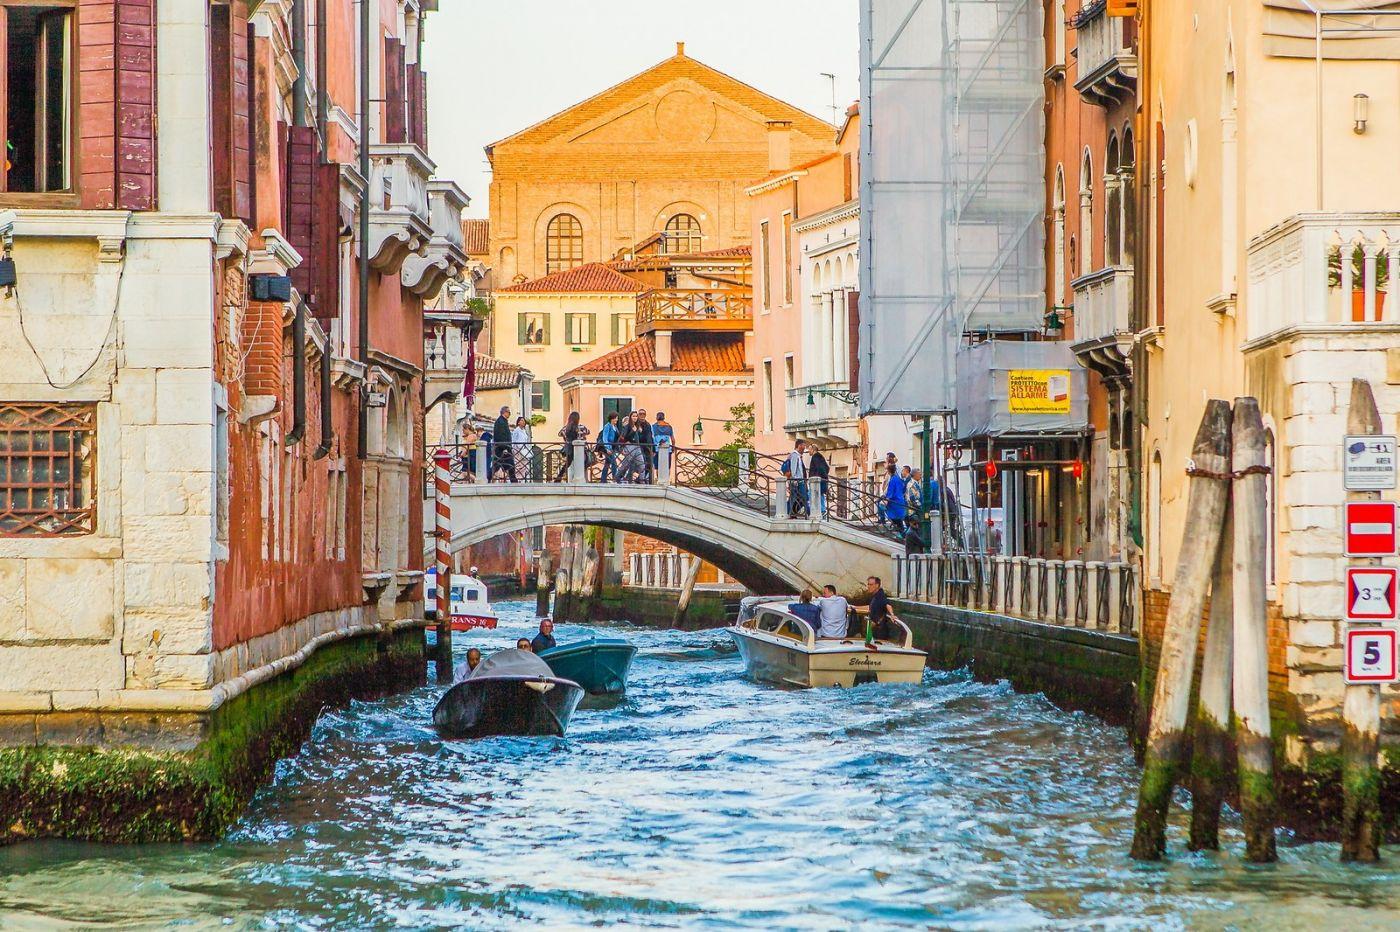 意大利威尼斯,桥的艺术_图1-8